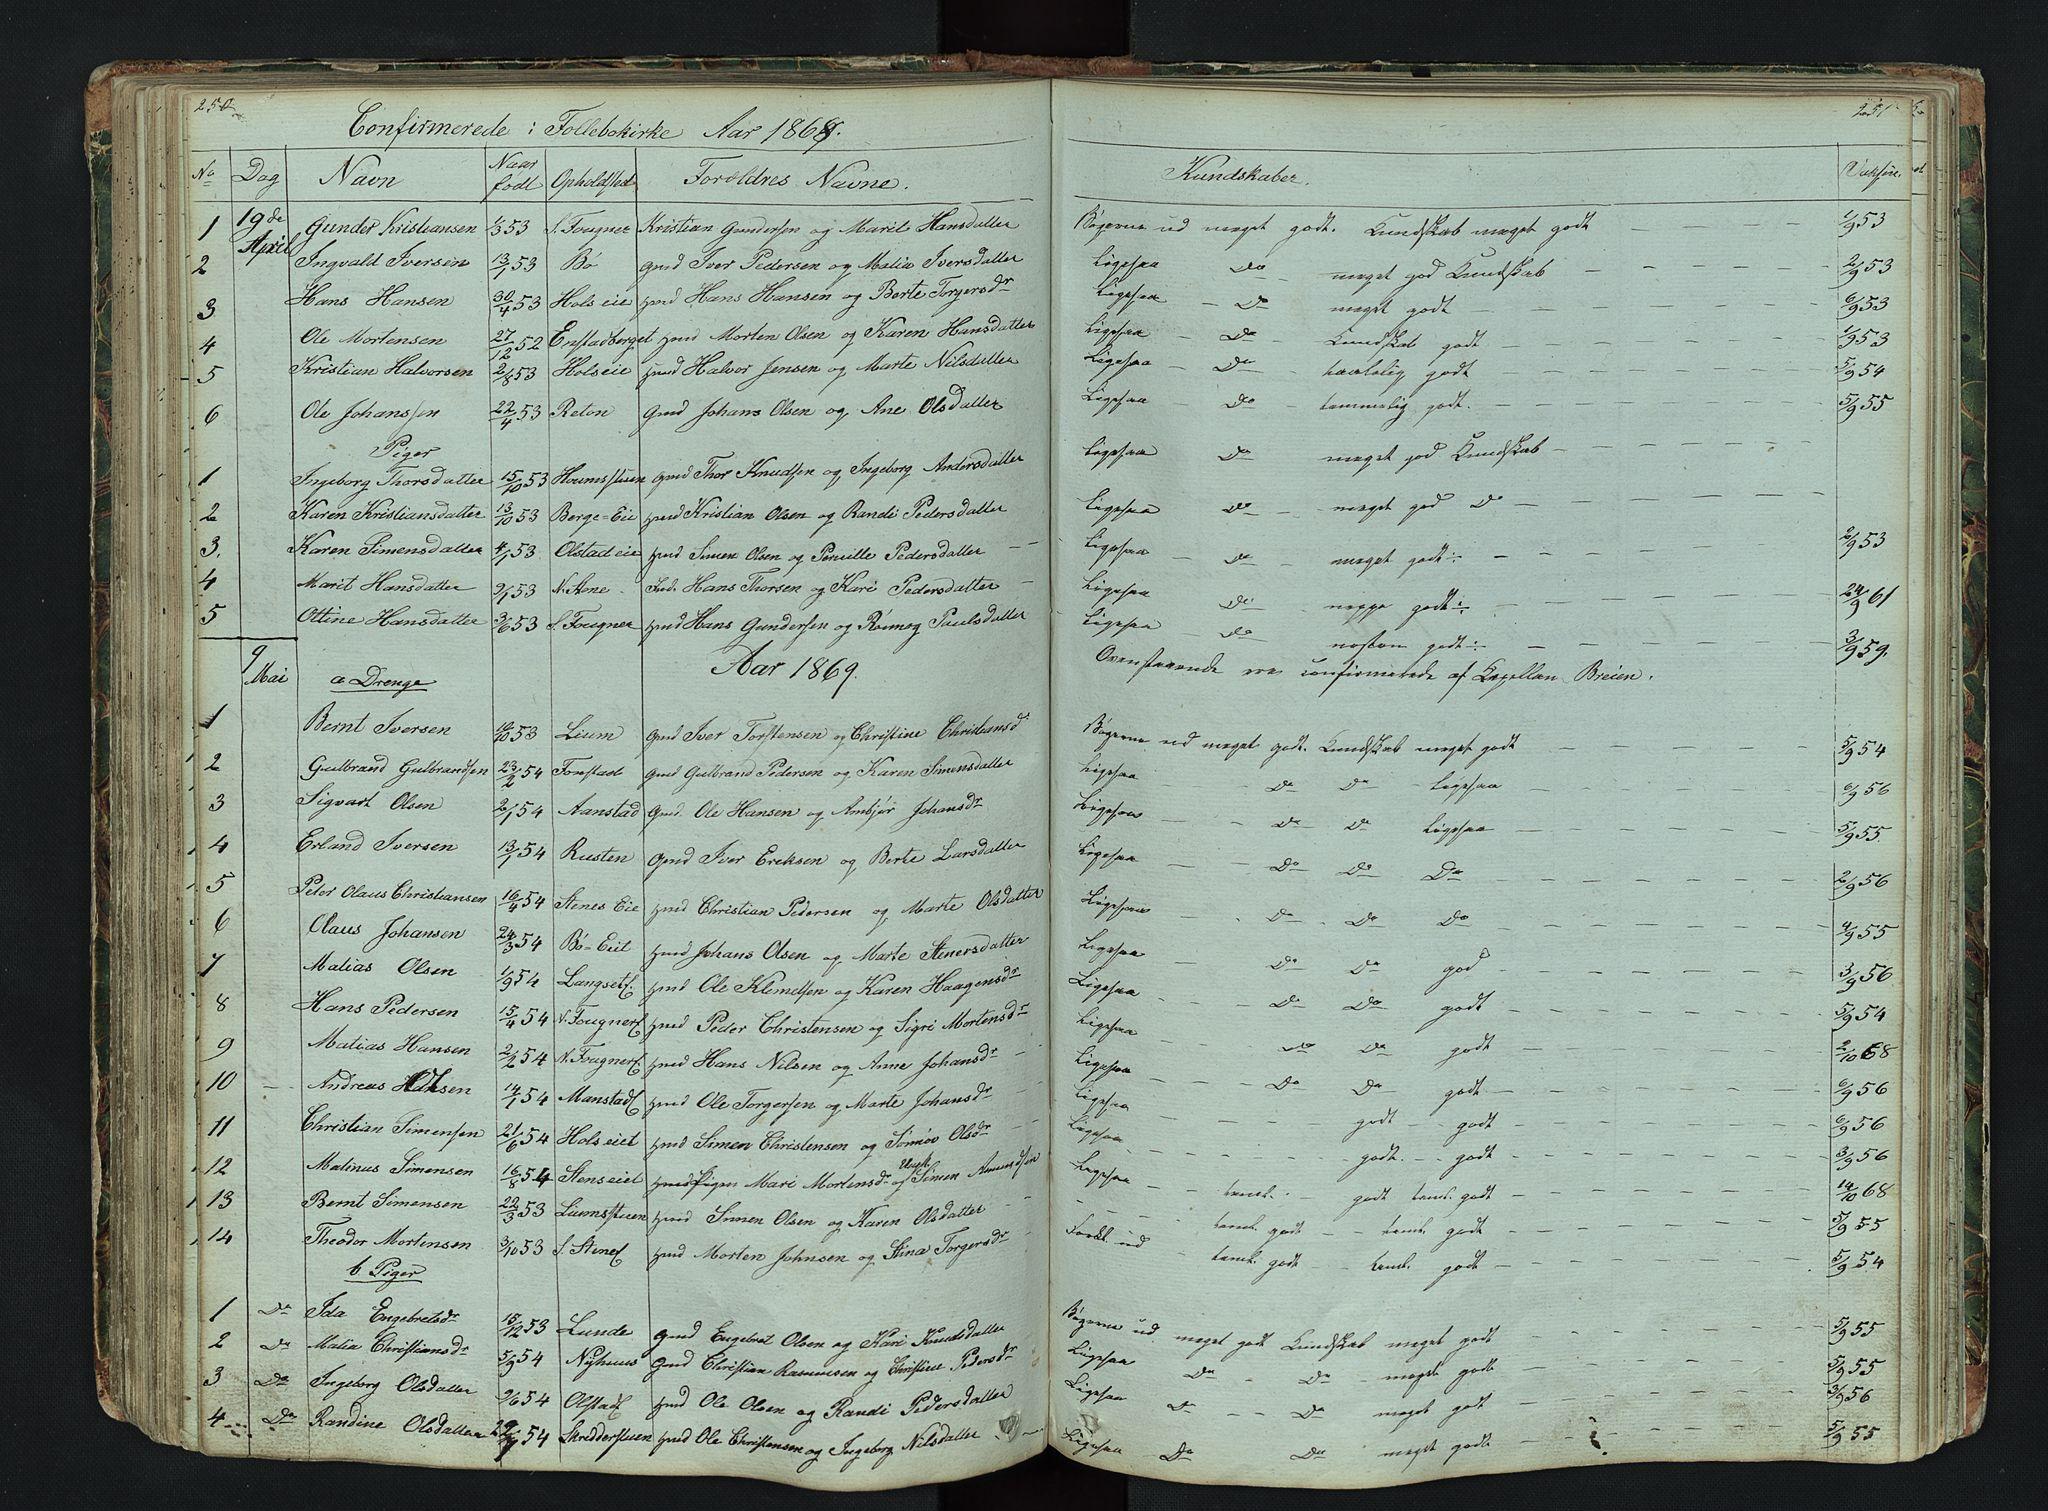 SAH, Gausdal prestekontor, Klokkerbok nr. 6, 1846-1893, s. 250-251